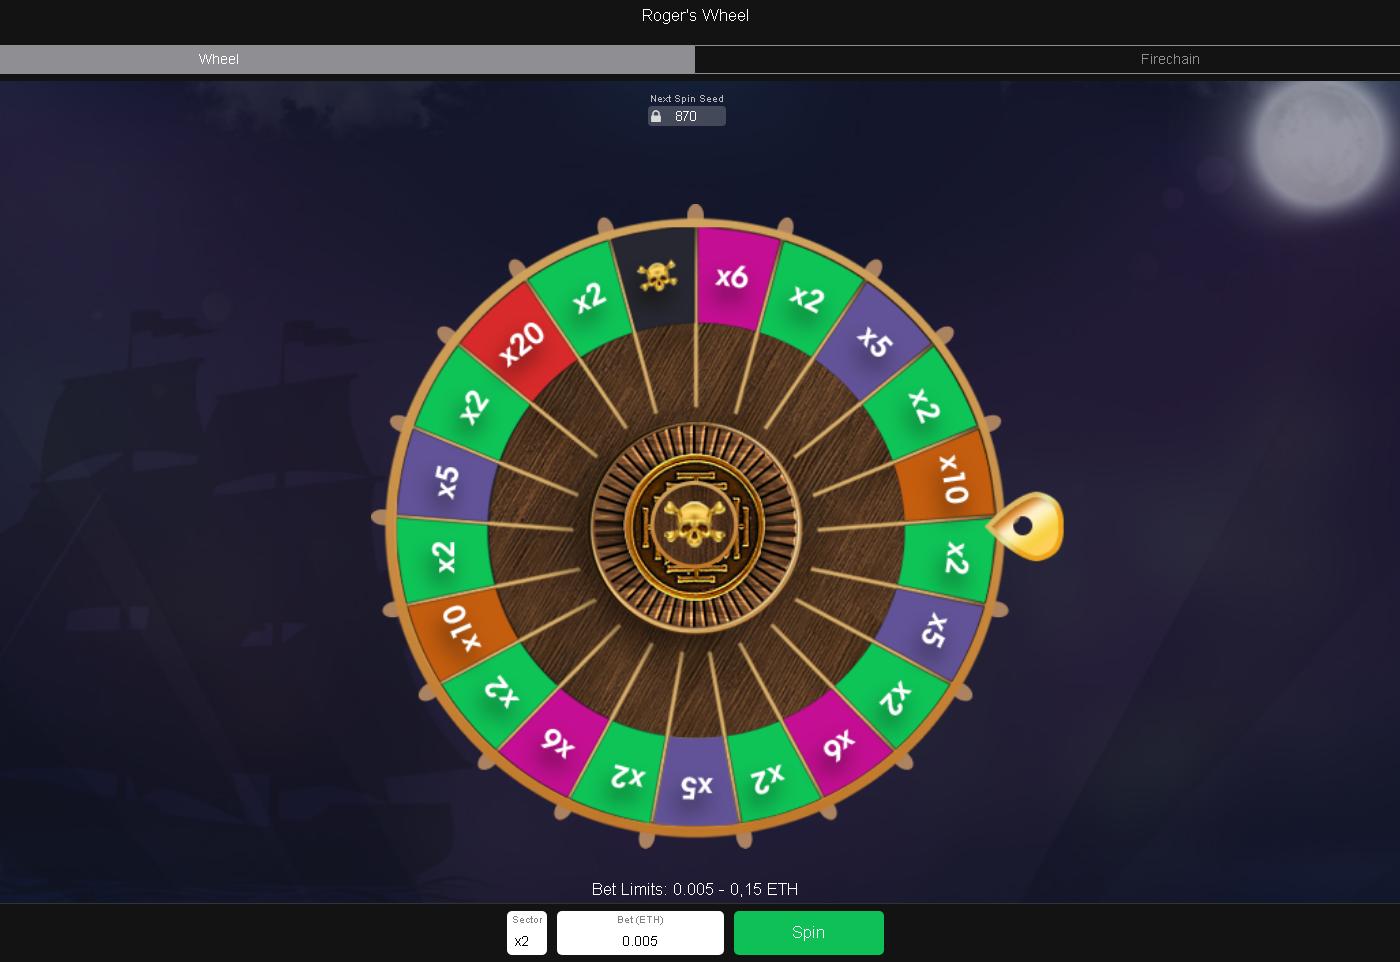 Roger's Wheel